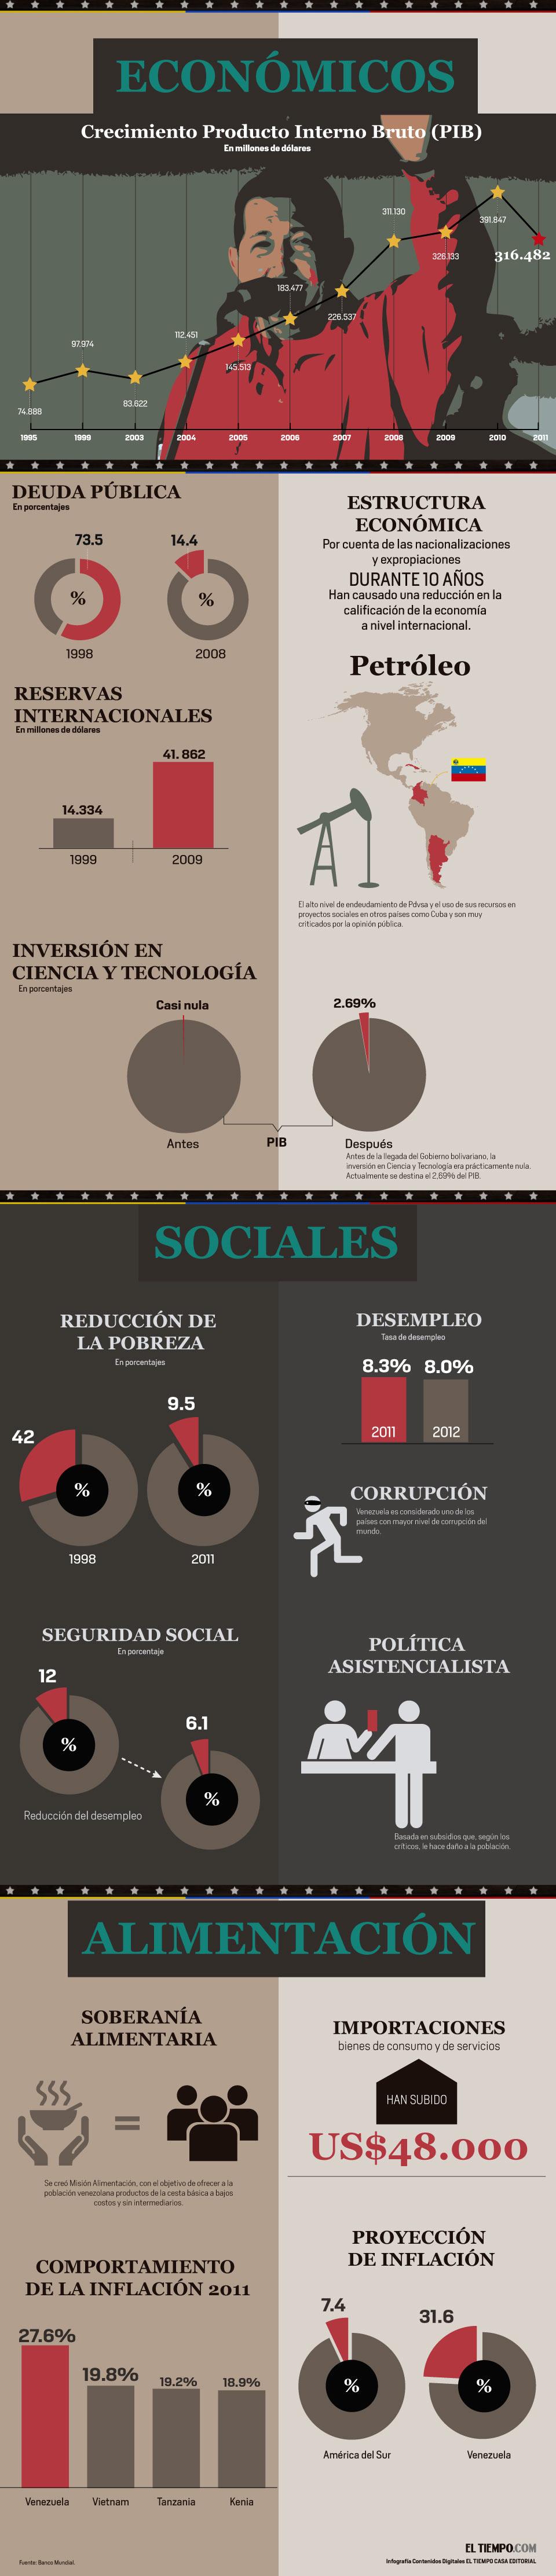 Economía bajo el gobierno de Hugo Chávez